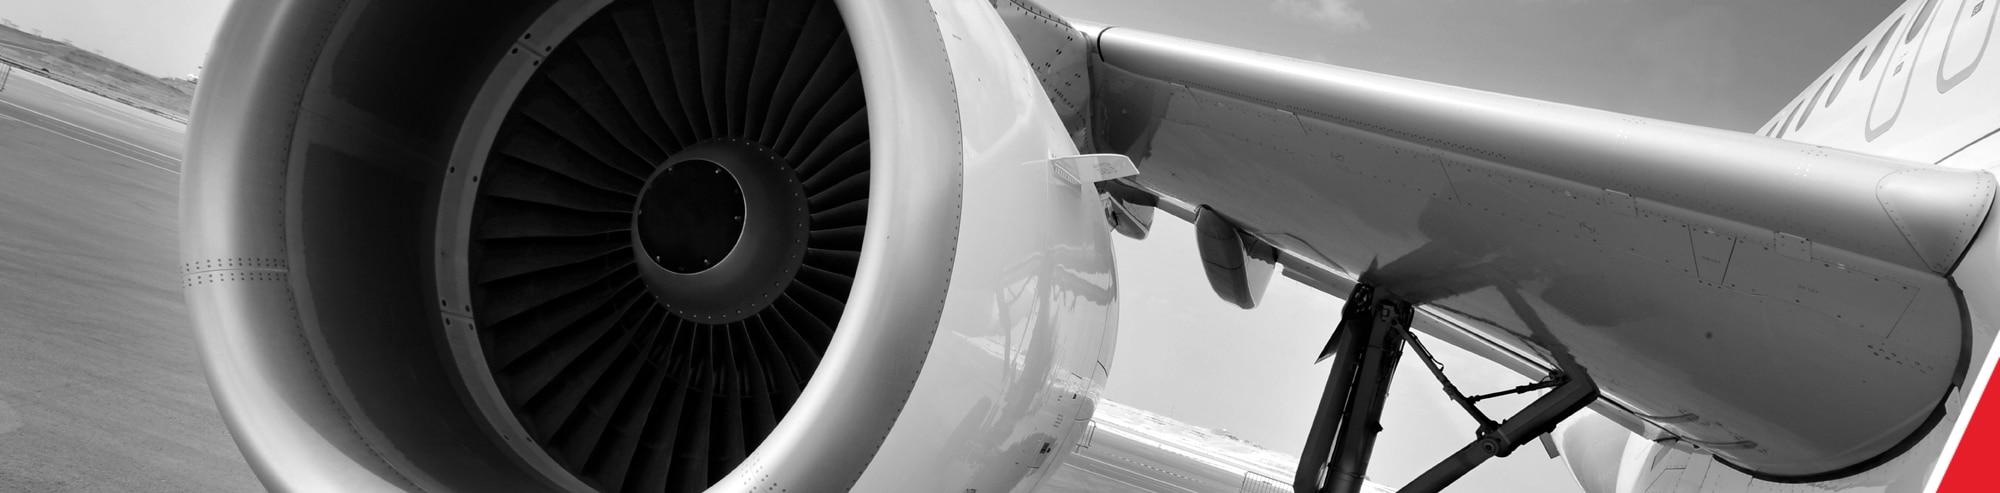 slide-aerospace1-2000